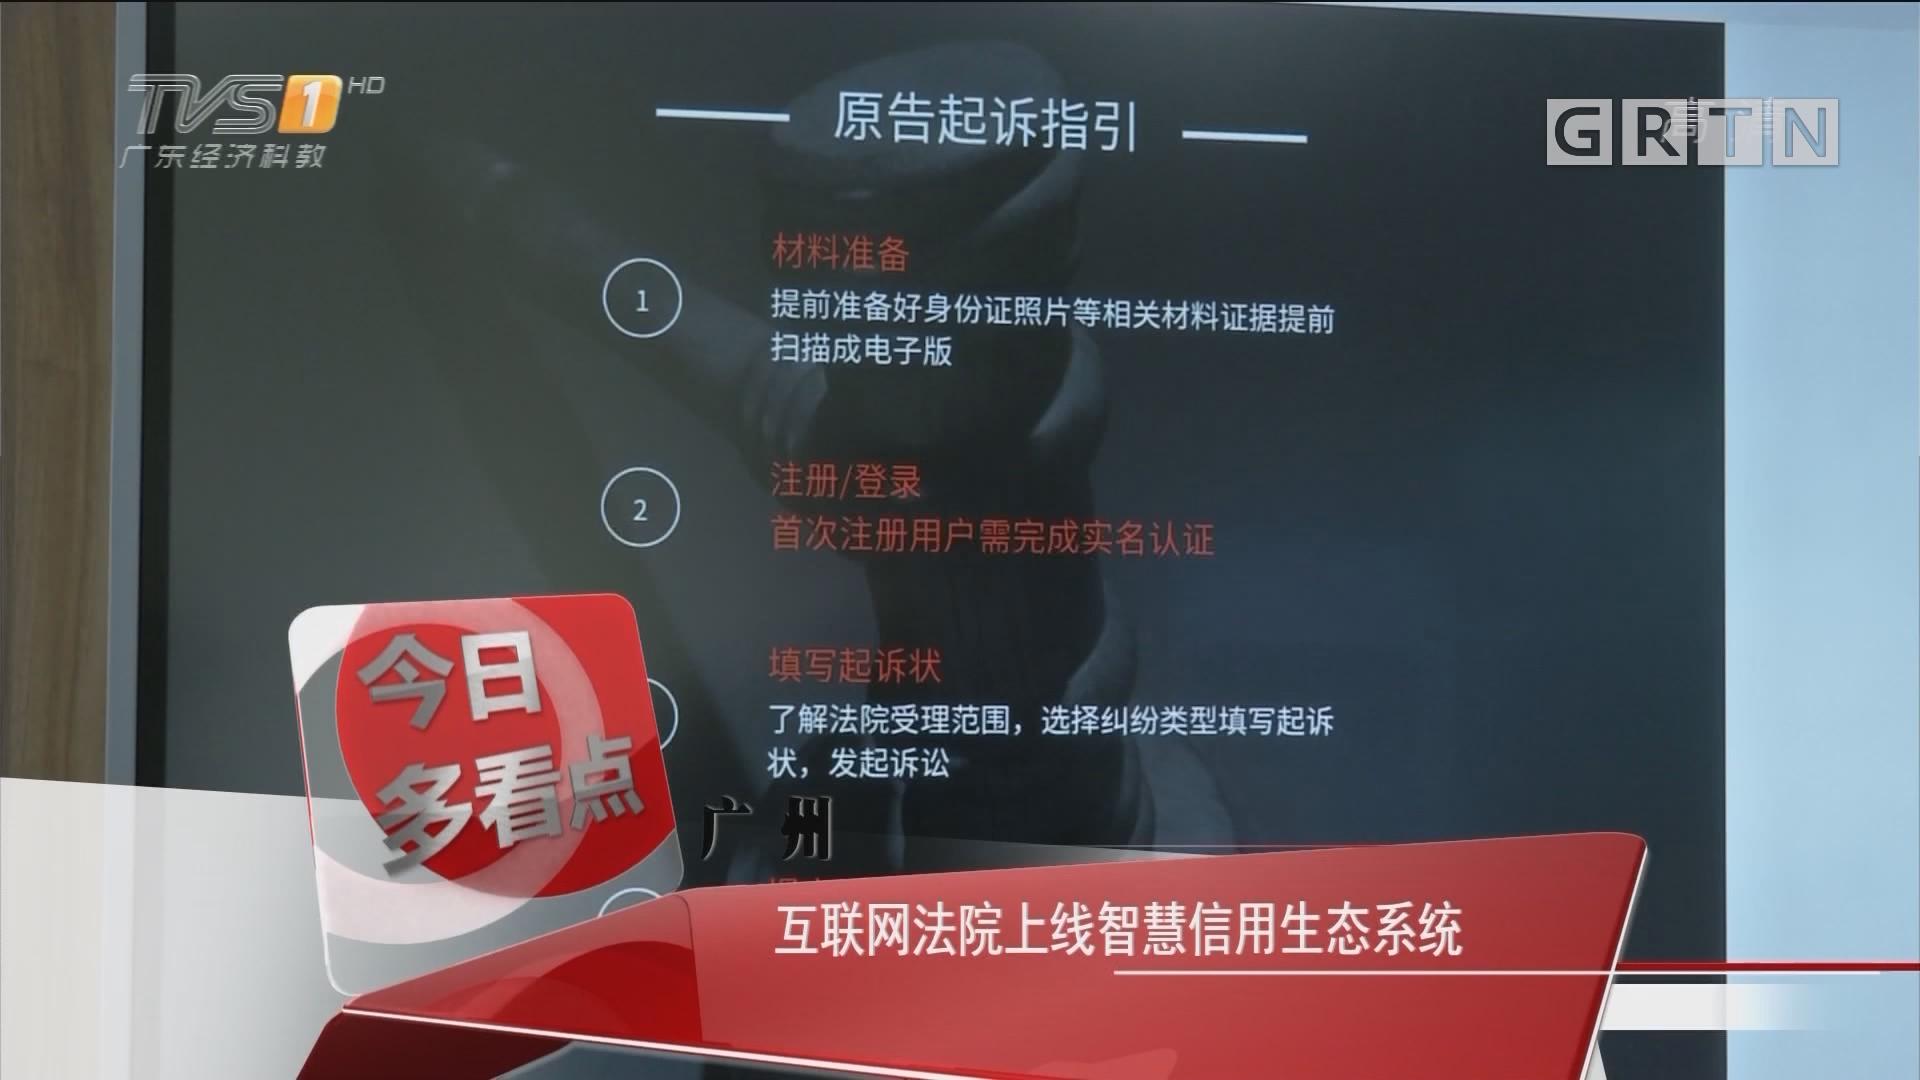 广州:互联网法院上线智慧信用生态系统